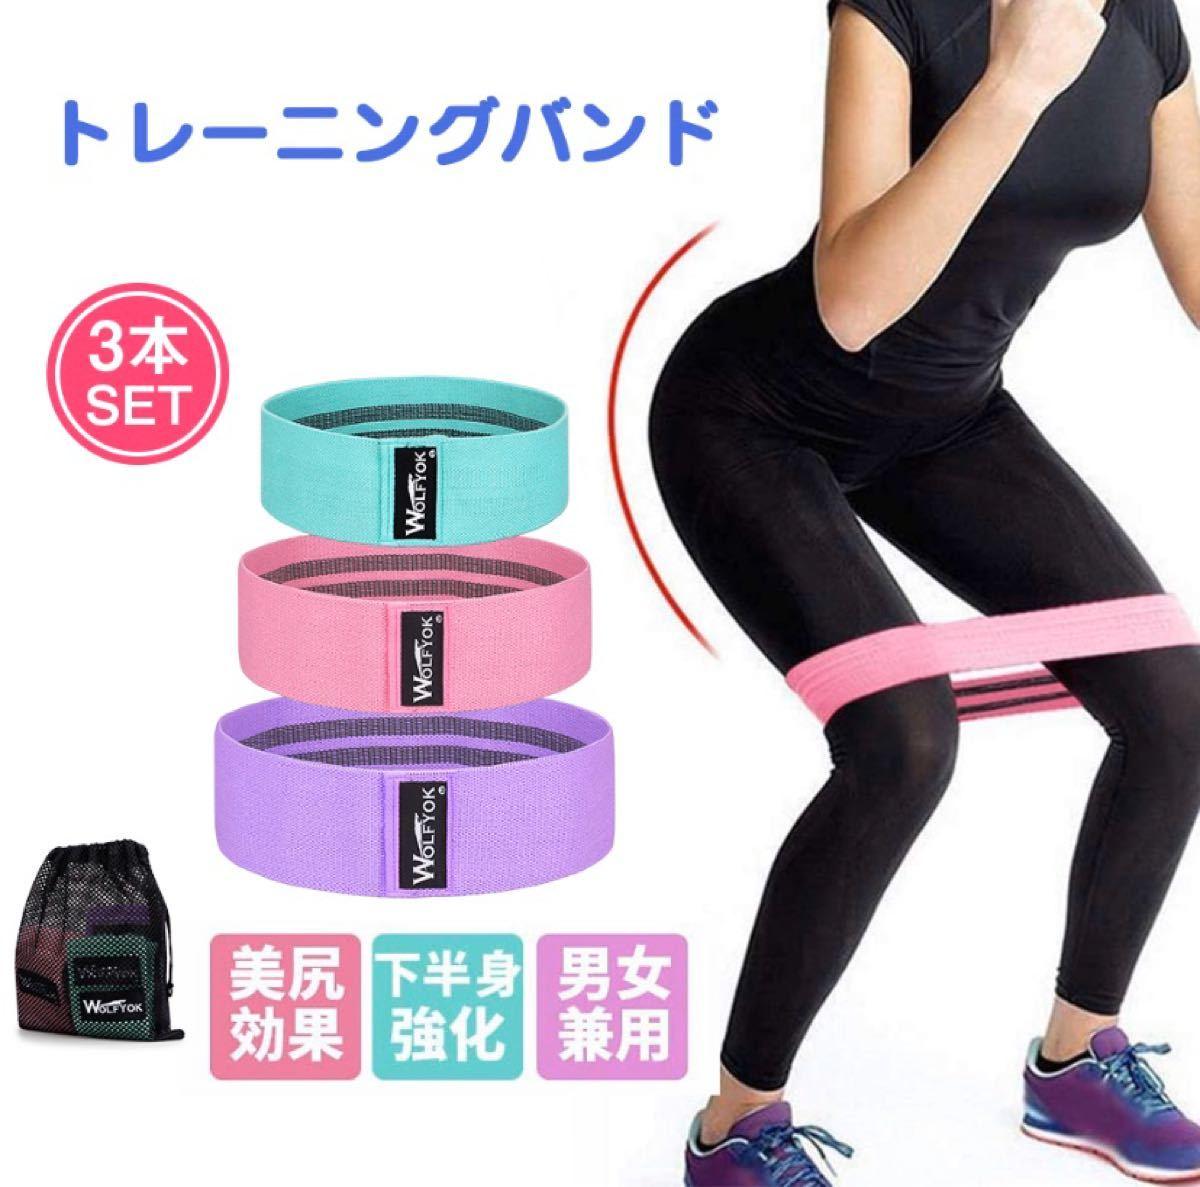 ★新品★トレーニングバンド 美尻 エクササイズ チューブ ゴムバンド